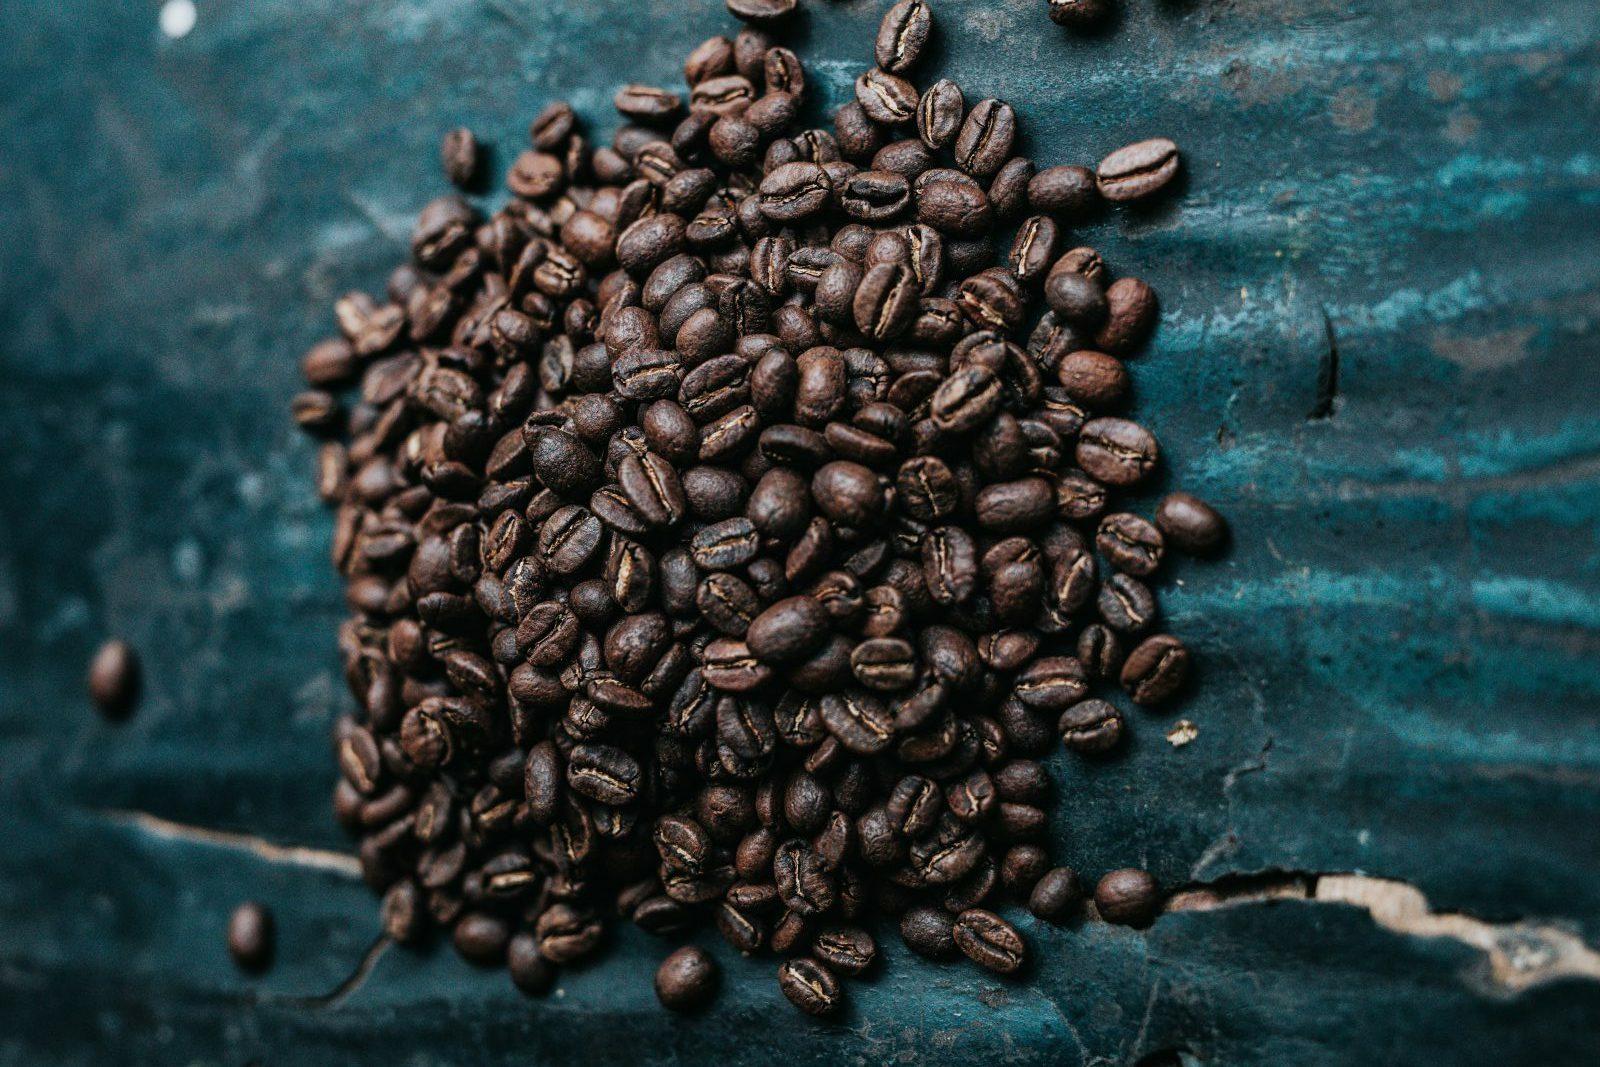 arrugao-la-ciencia-infusionado-cafe-foto2